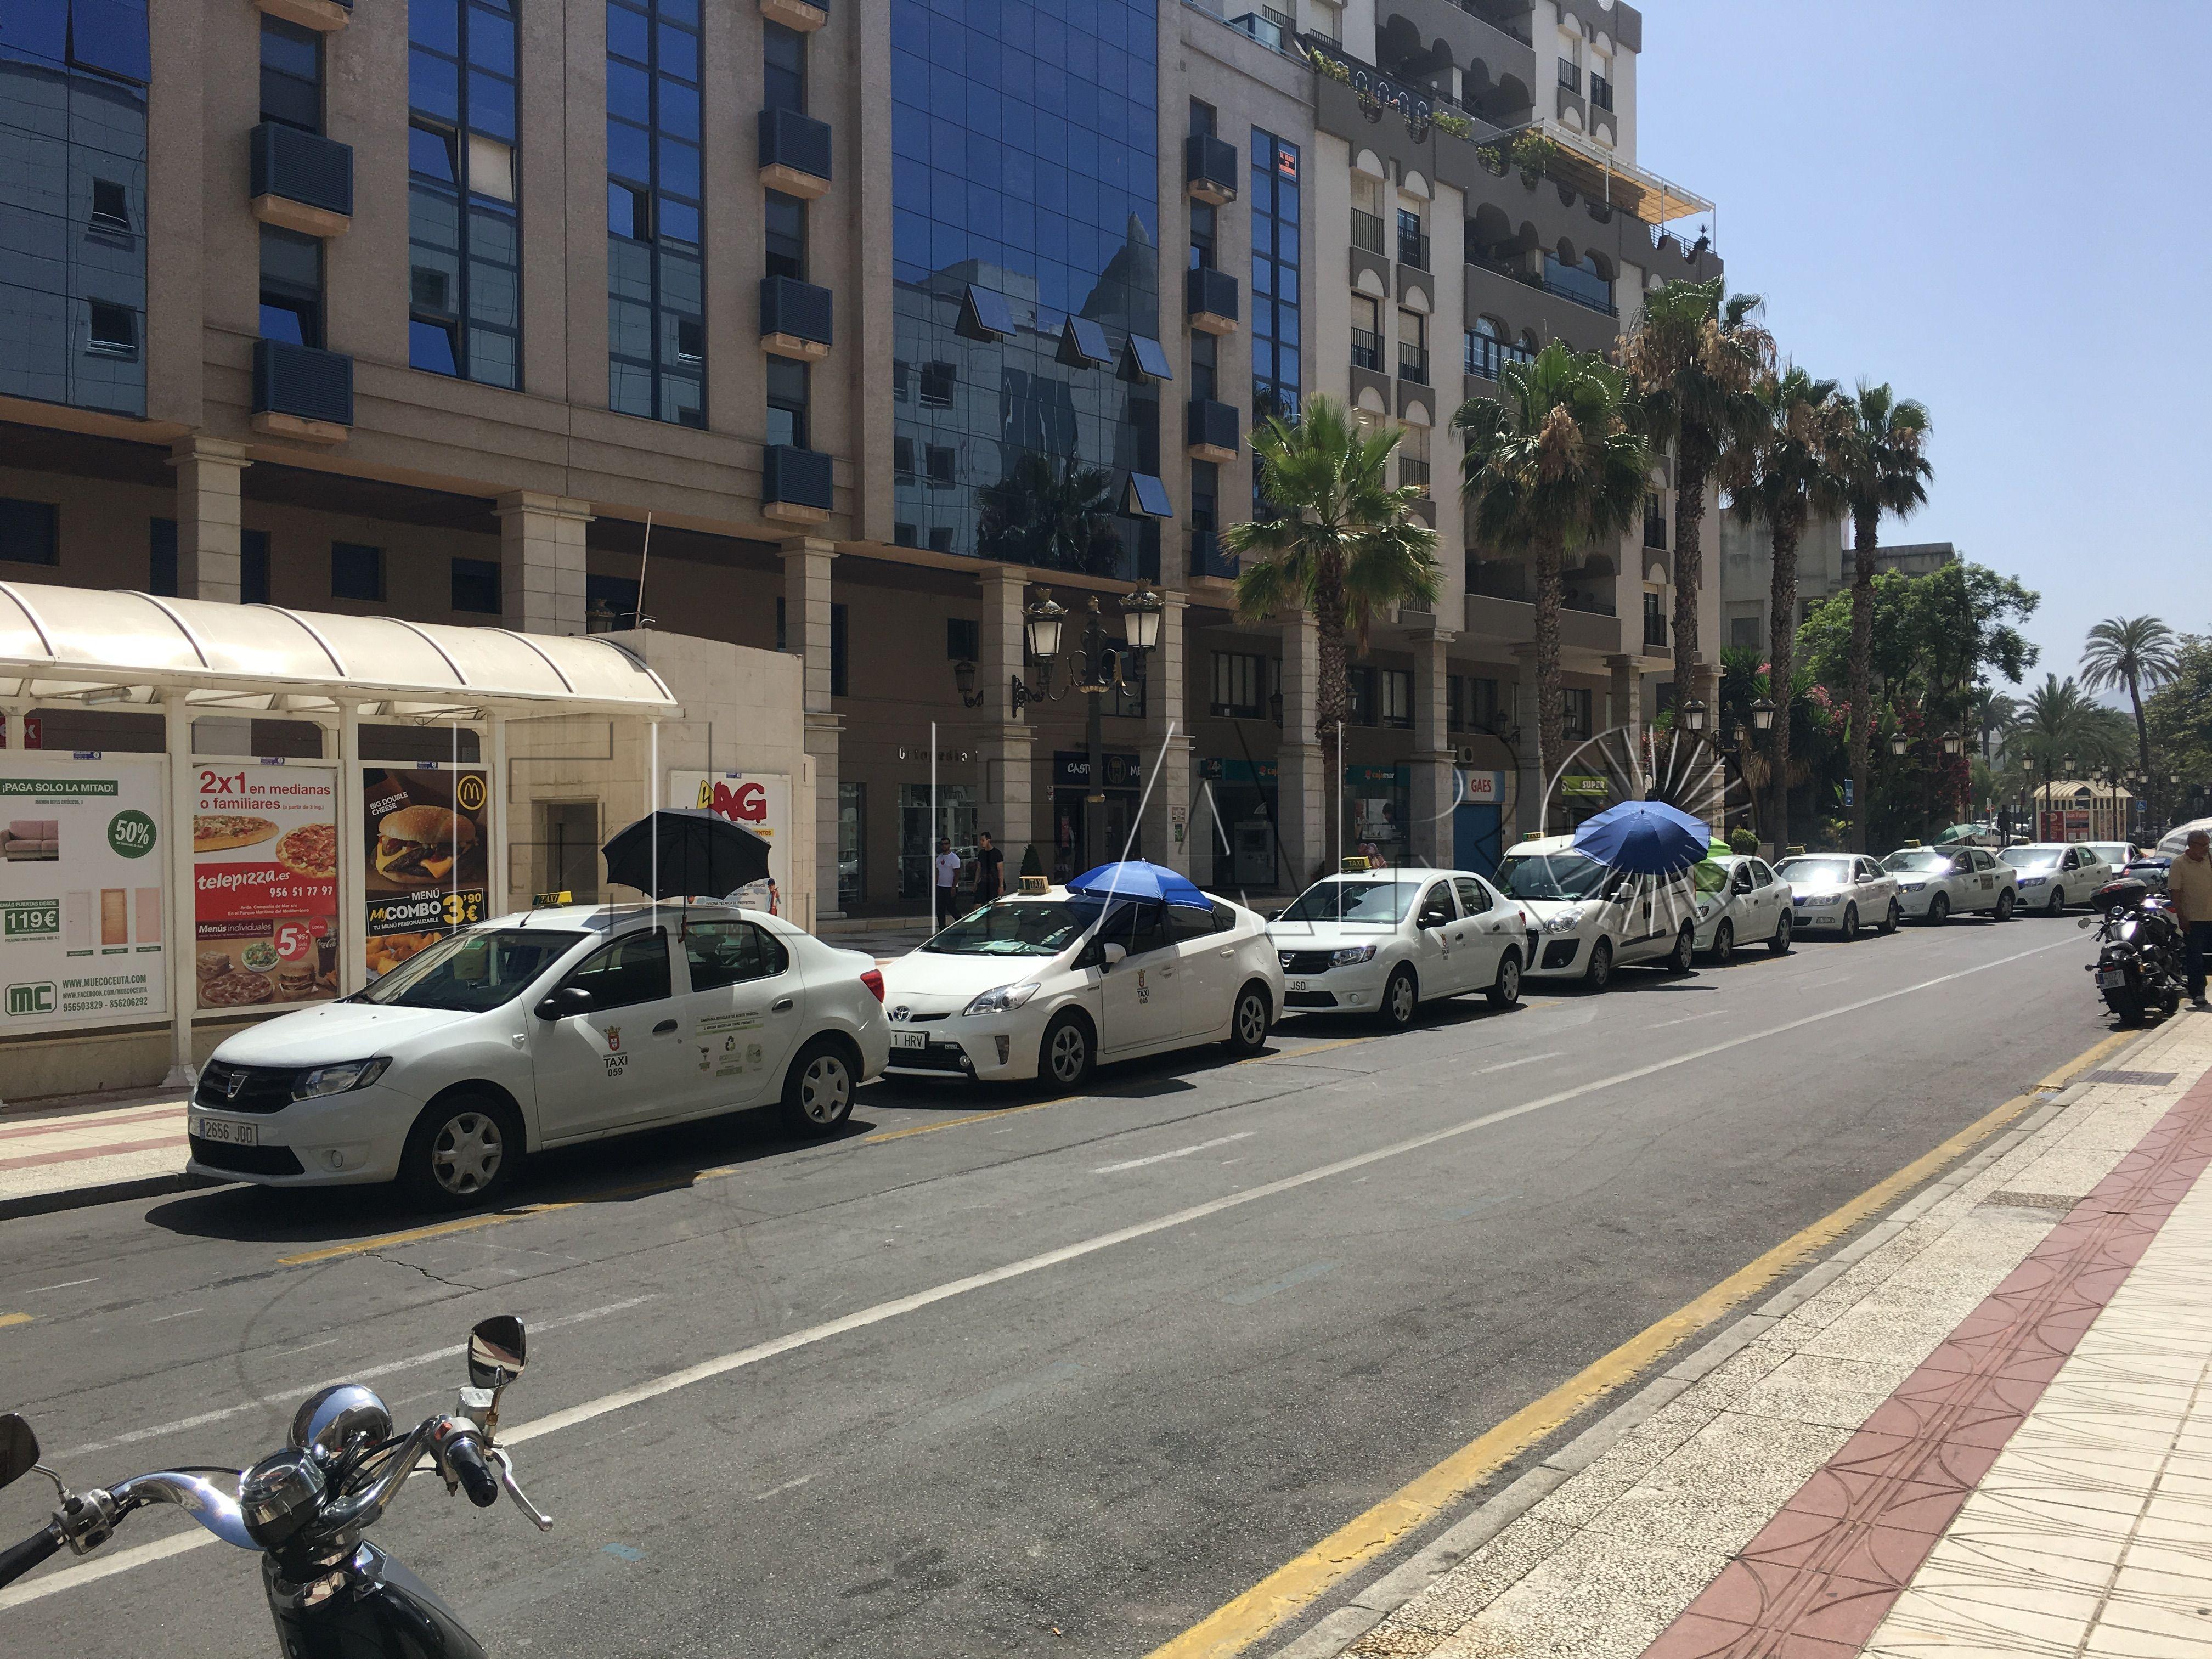 Los taxistas sacan sombrillas ante la falta de marquesinas prometidas